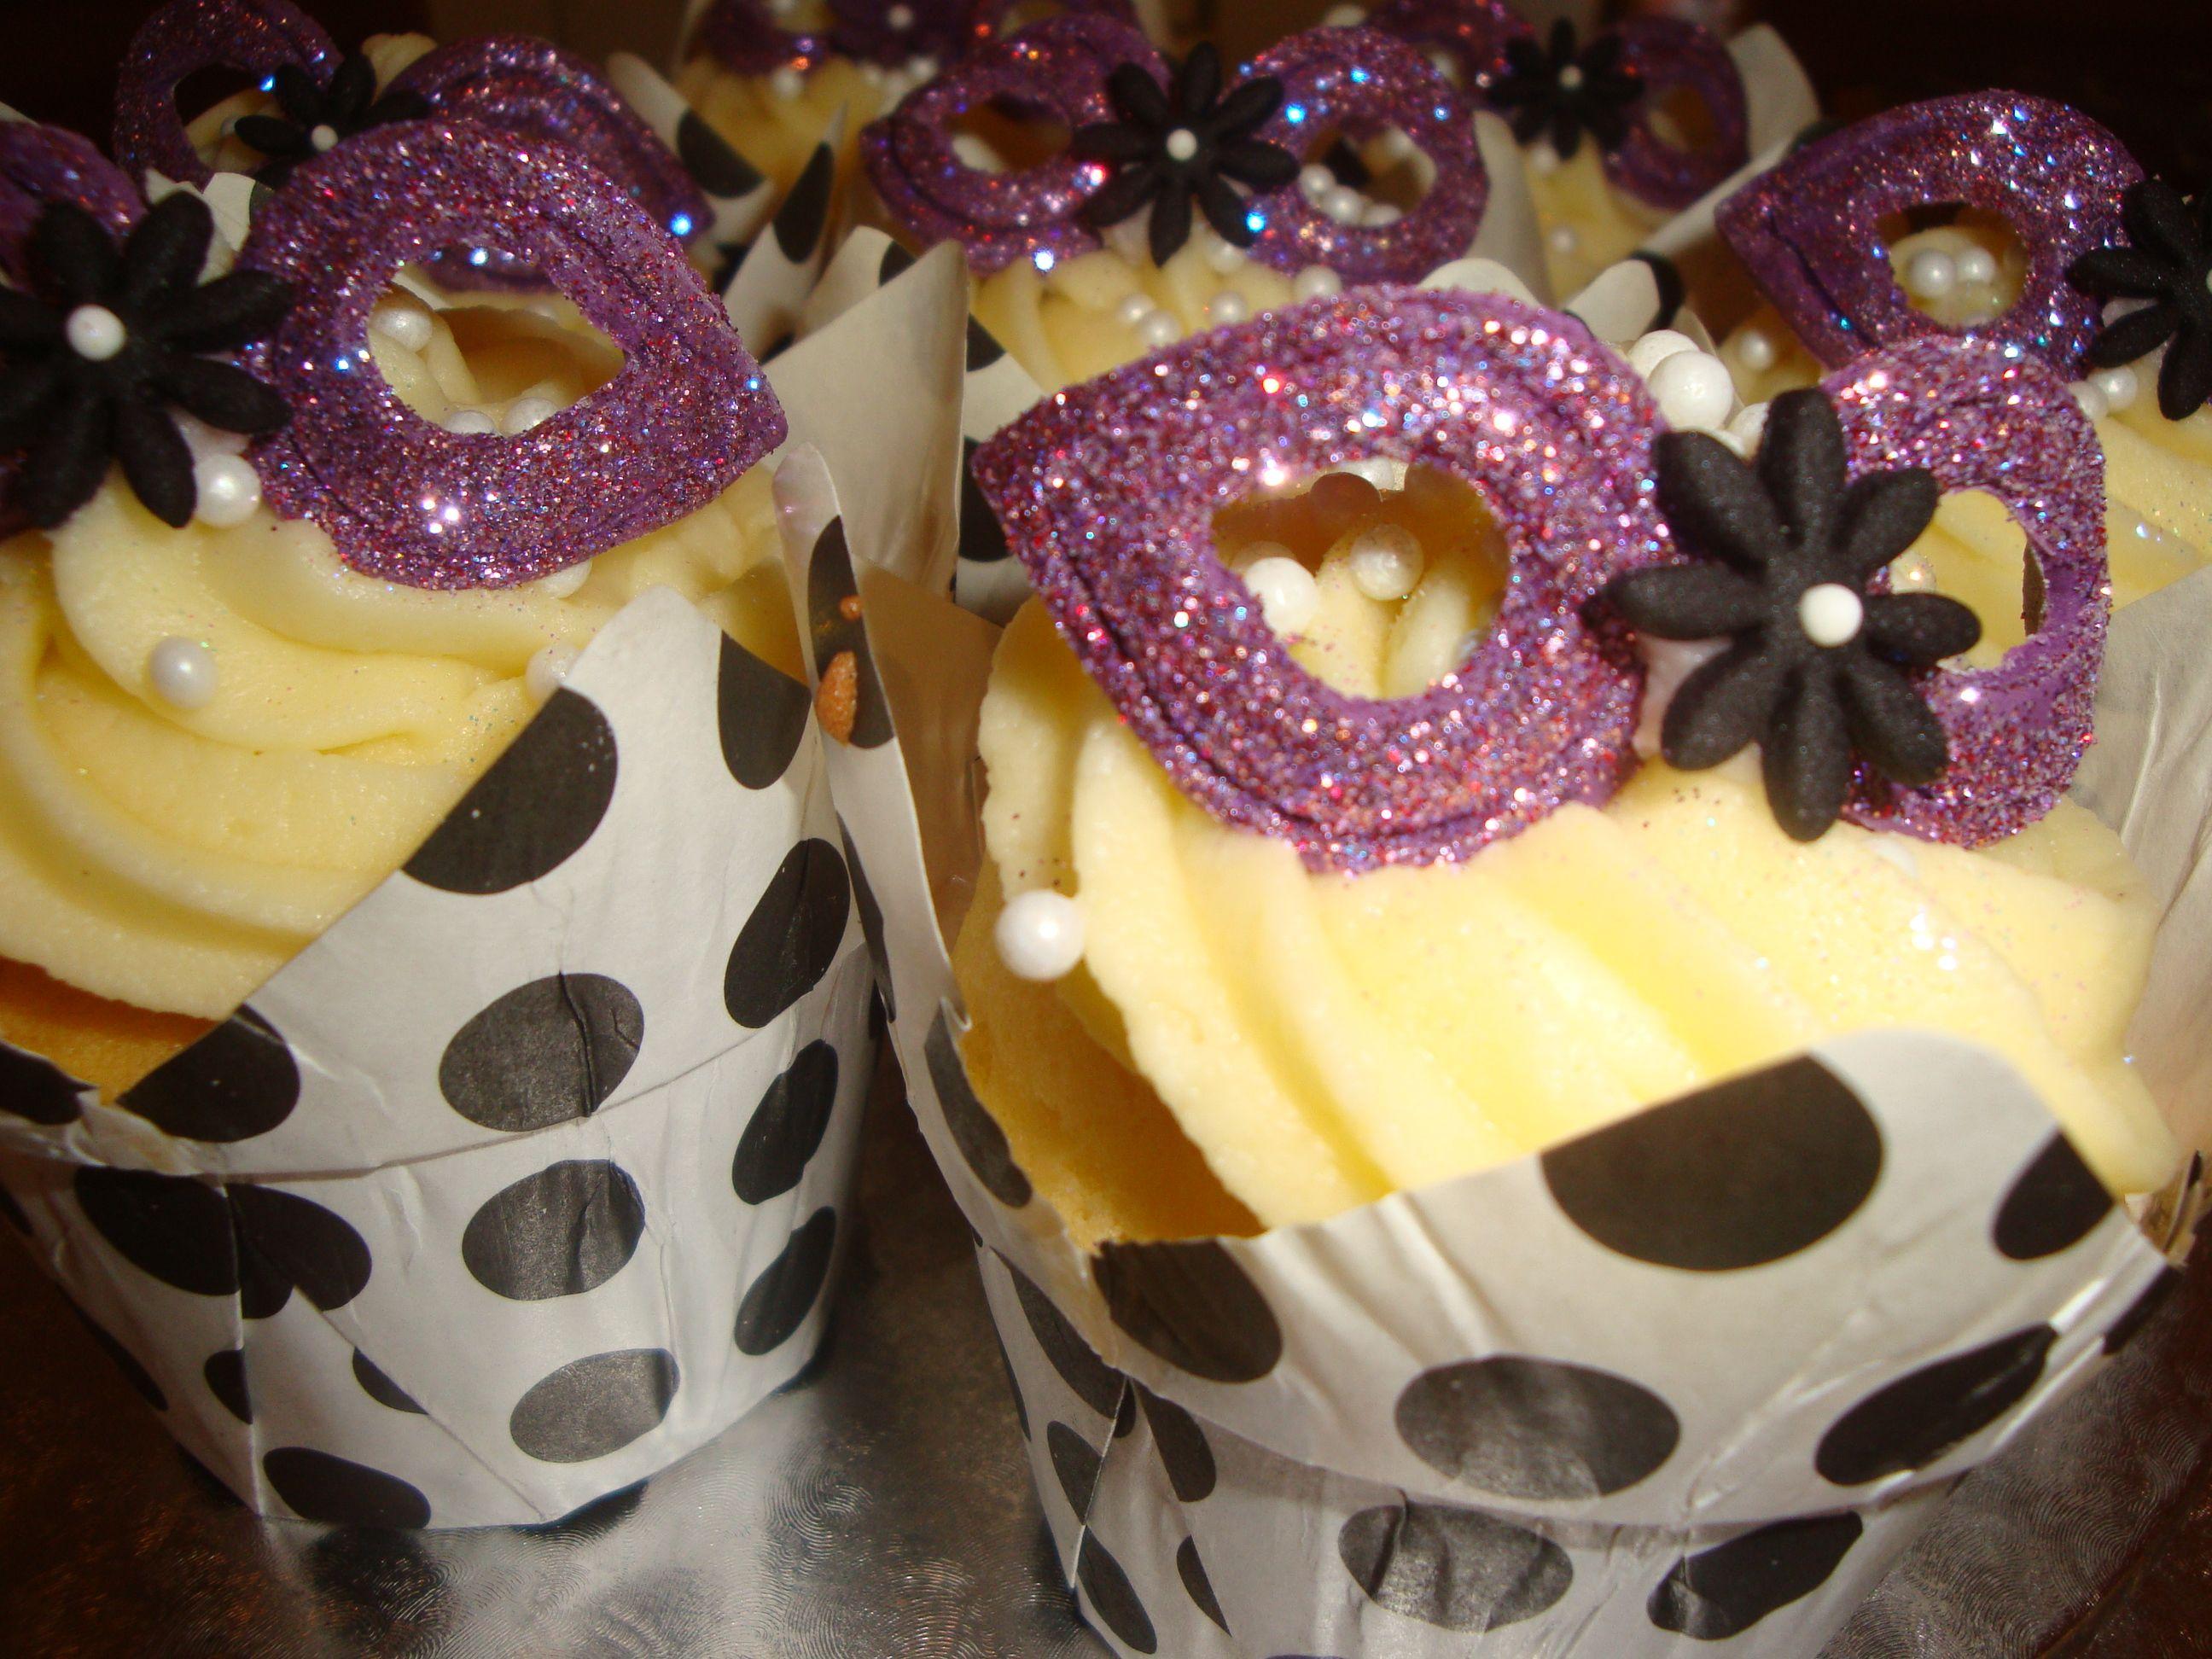 Masquerade Party Ideas | Masquerade Ball Cupcakes | cupcakes2delite & Masquerade Party Ideas | Masquerade Ball Cupcakes | cupcakes2delite ...